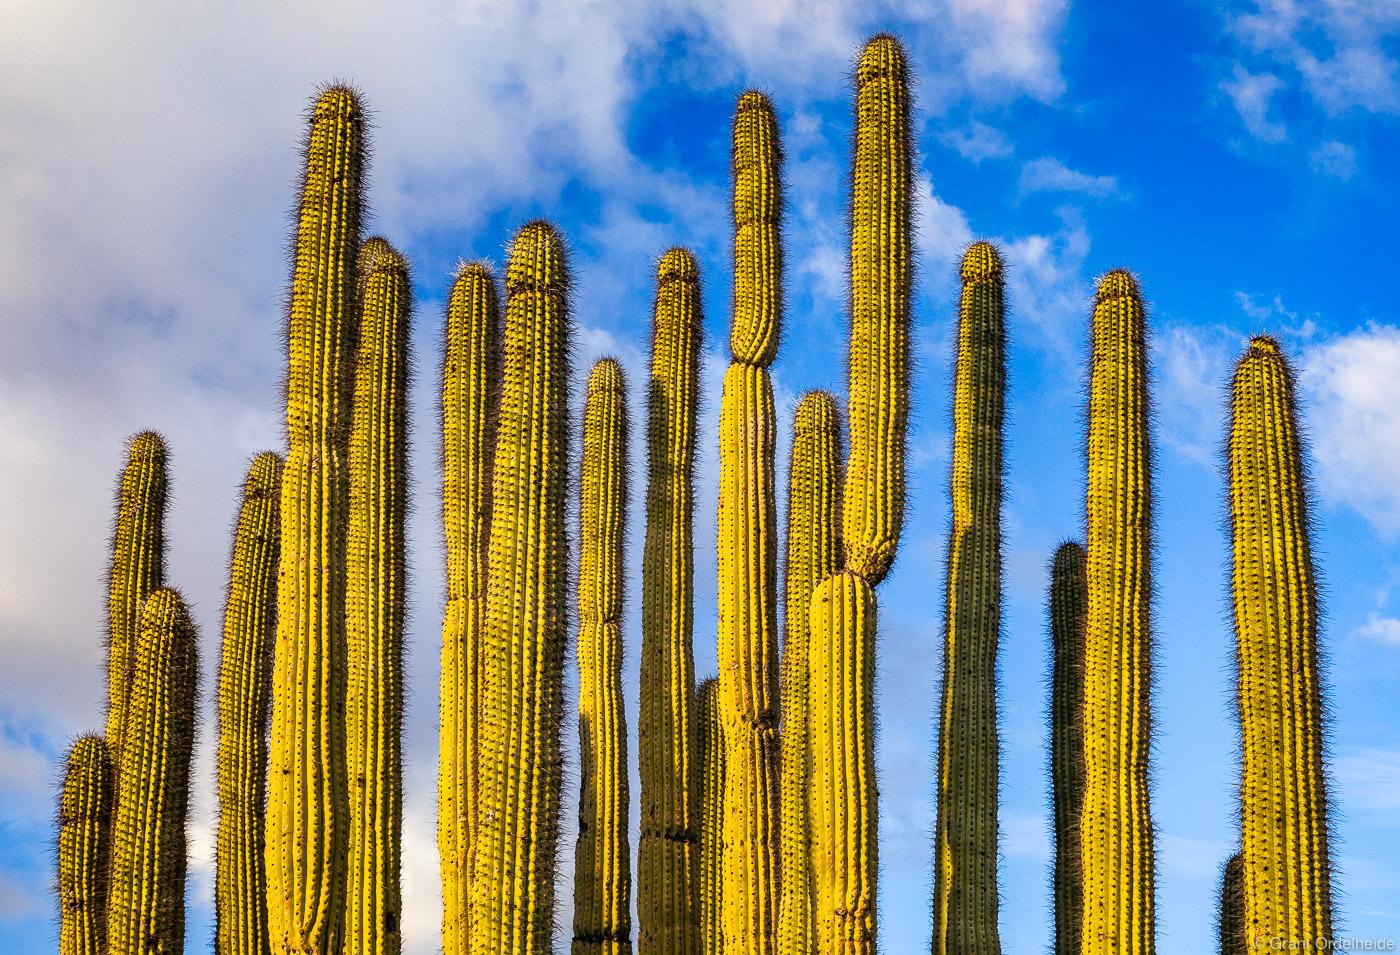 An organ pipe cactus in Arizona's Organ Pipe Cactus National Monument.